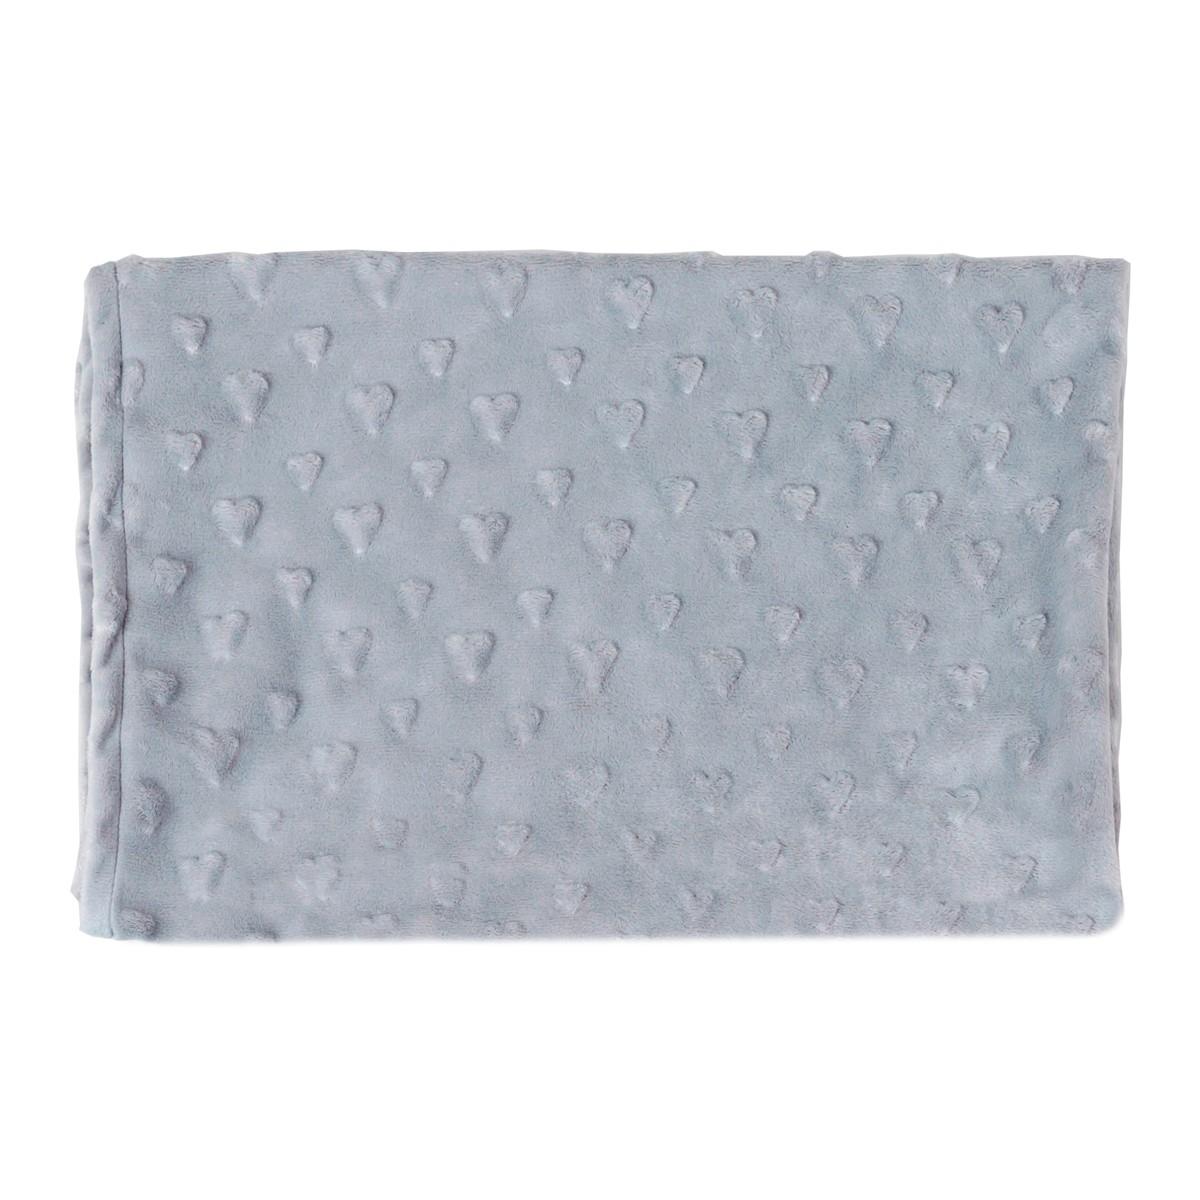 Κουβέρτα Fleece Αγκαλιάς Κόσμος Του Μωρού 0050 Γκρι home   βρεφικά   κουβέρτες βρεφικές   κουβέρτες fleece